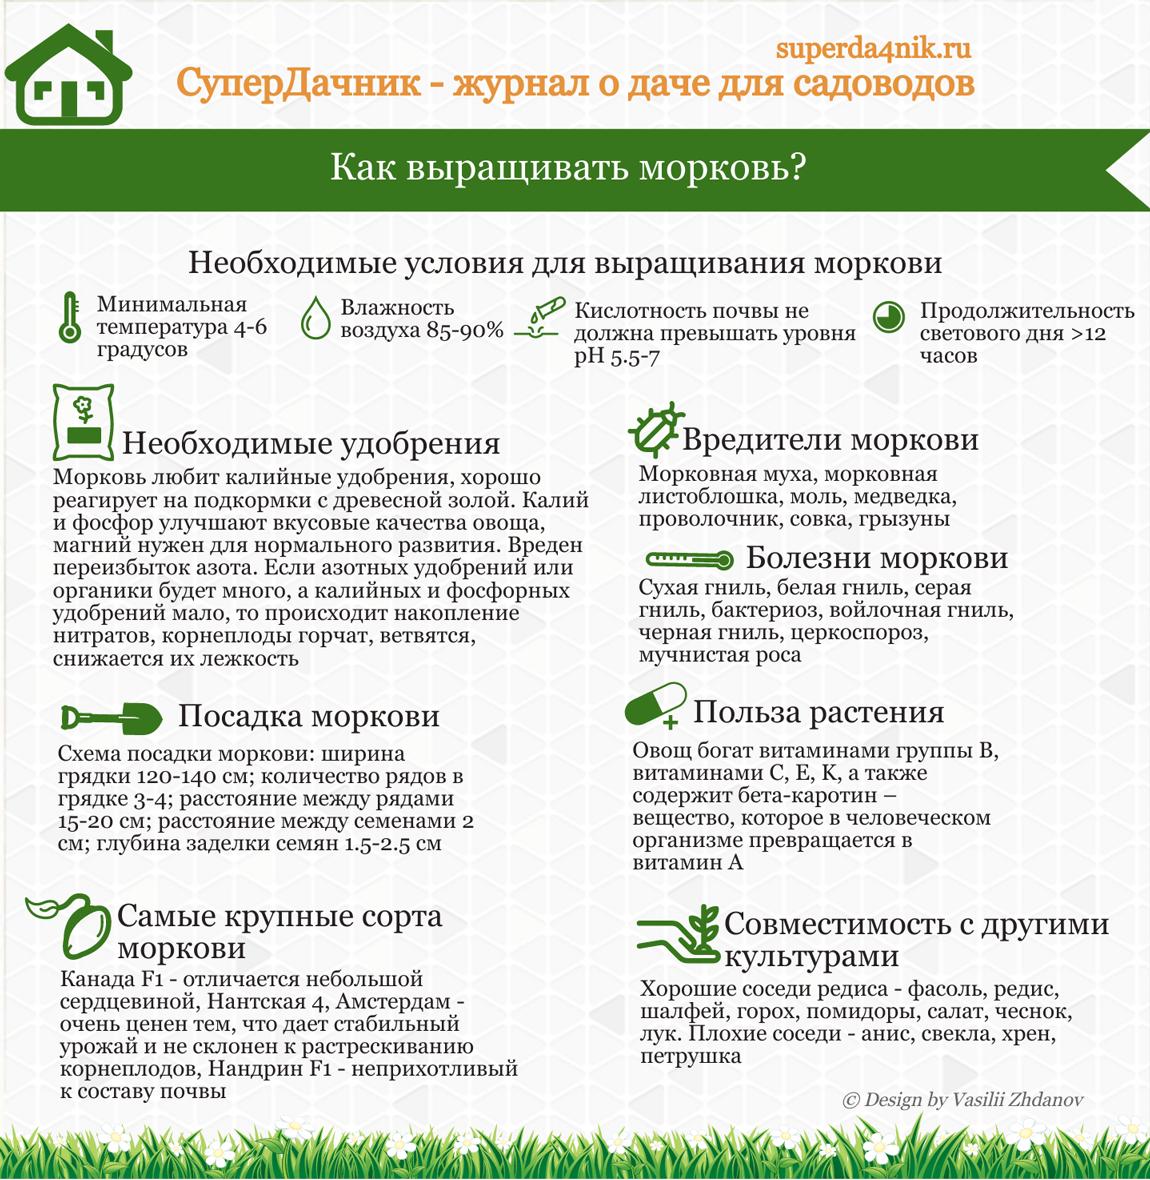 Как вырастить морковь: инфографика